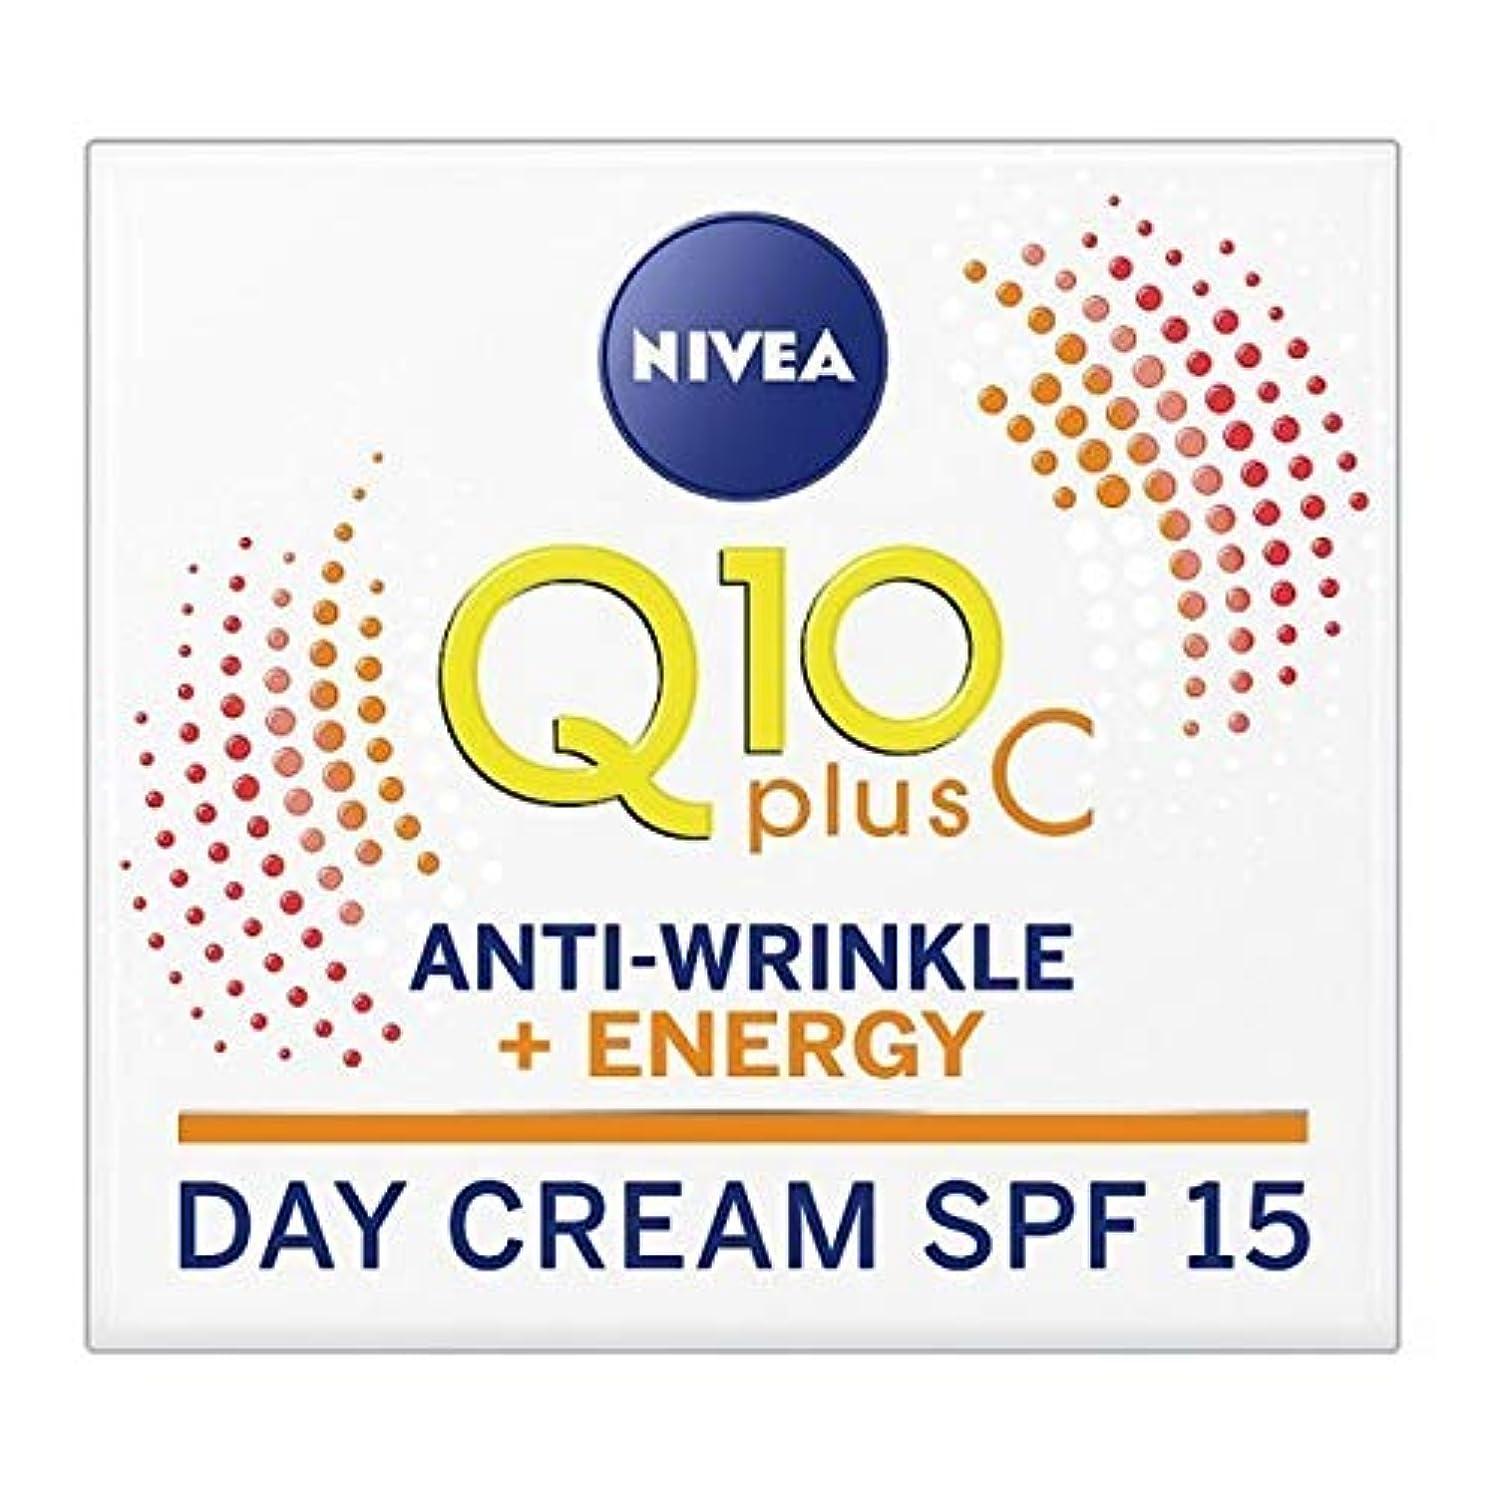 タイピスト解決する推論[Nivea ] ニベアのQ10、ビタミンC抗シワエネルギーフェイスクリームSpf 15 - NIVEA Q10 Vitamin C Anti-Wrinkle Energy Face Cream SPF 15 [並行輸入品]